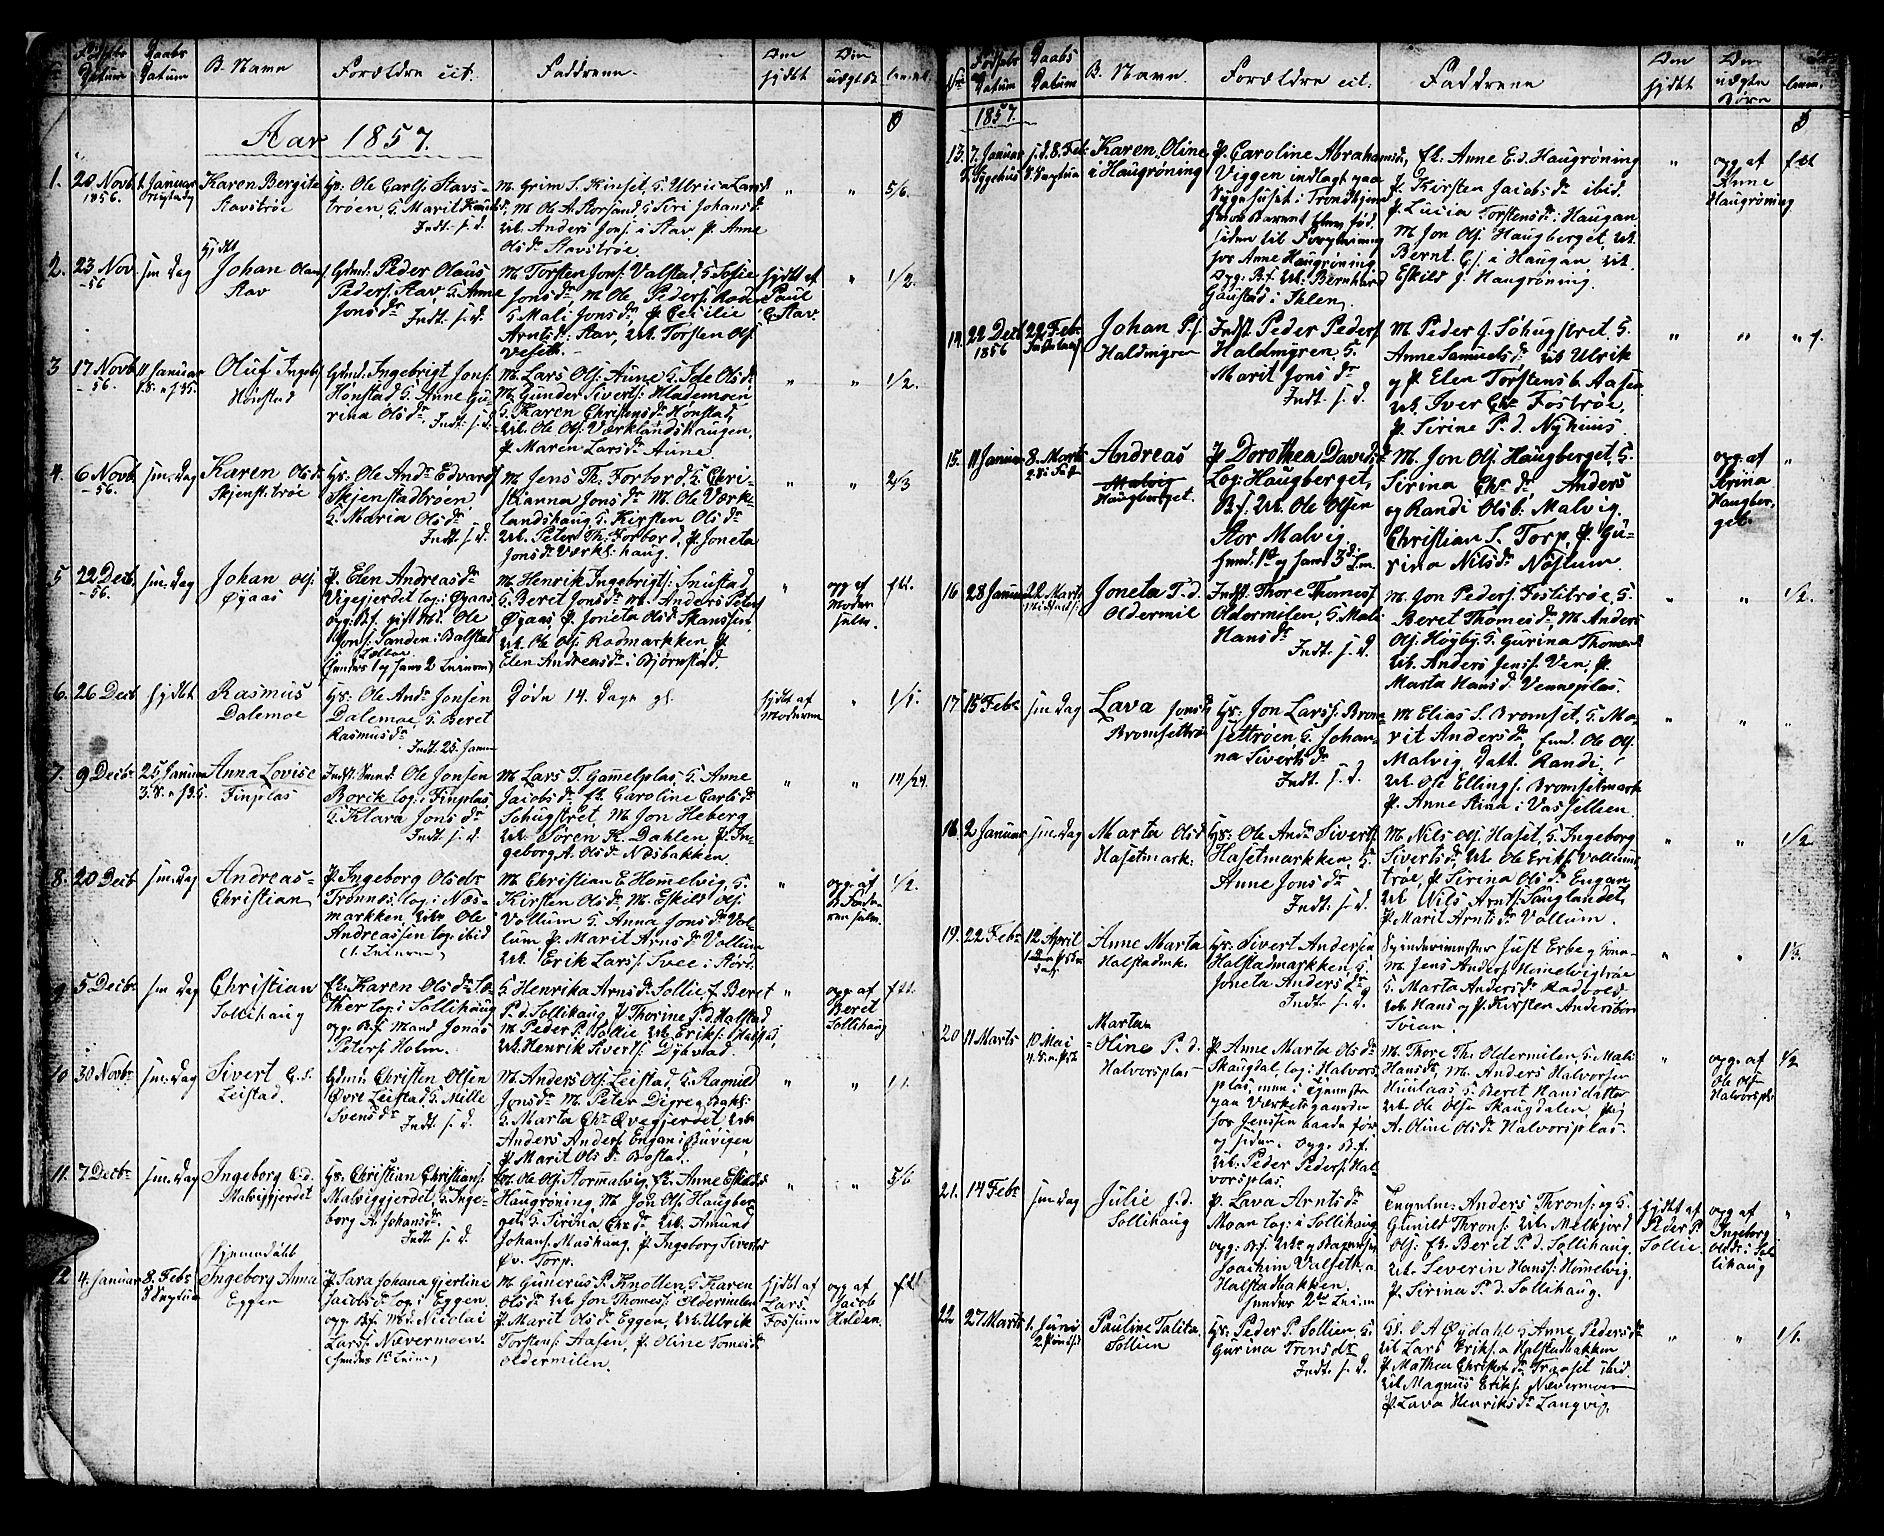 SAT, Ministerialprotokoller, klokkerbøker og fødselsregistre - Sør-Trøndelag, 616/L0422: Klokkerbok nr. 616C05, 1850-1888, s. 17